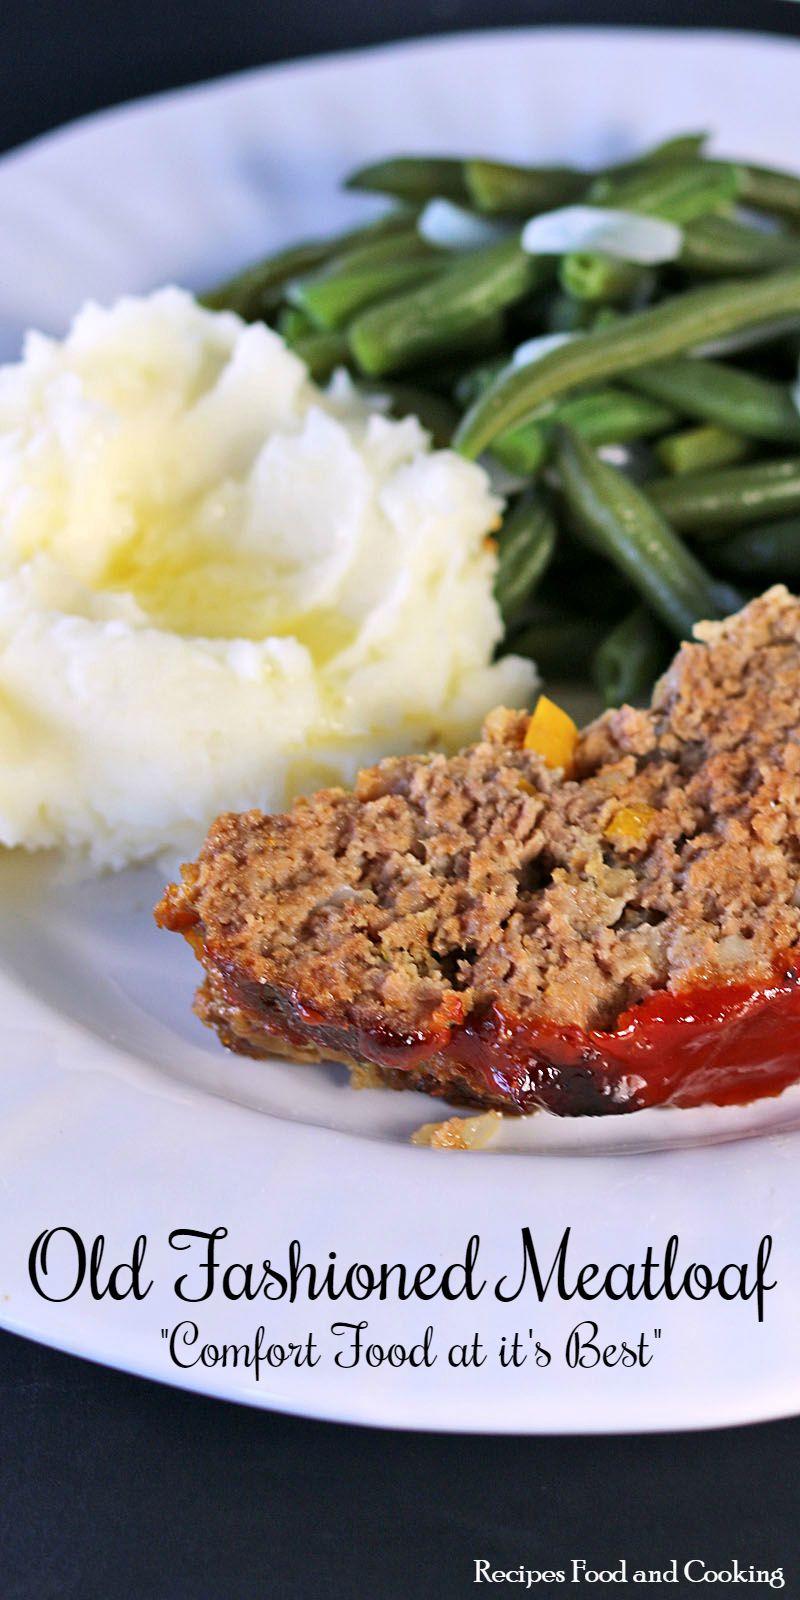 Best Meatloaf Recipe Food Network  Old Fashioned Meatloaf